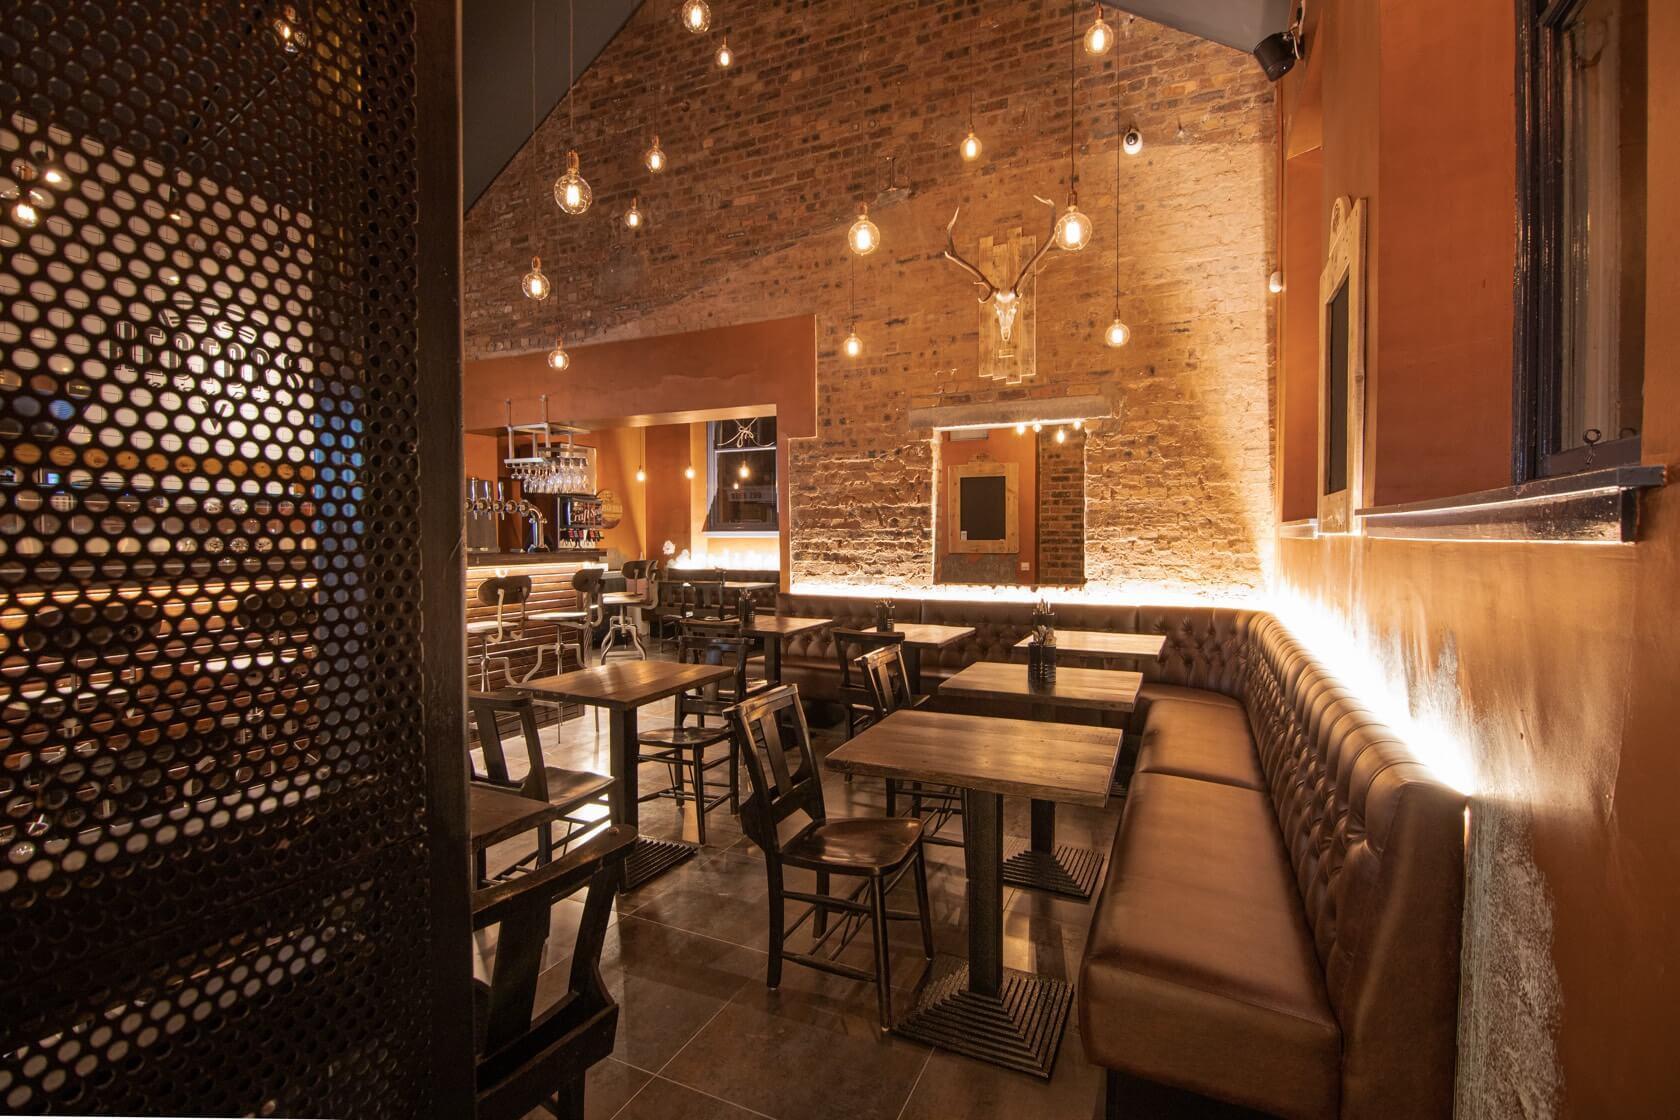 Hector's Artisan Pizza, Dunbar 11 - C&G Development